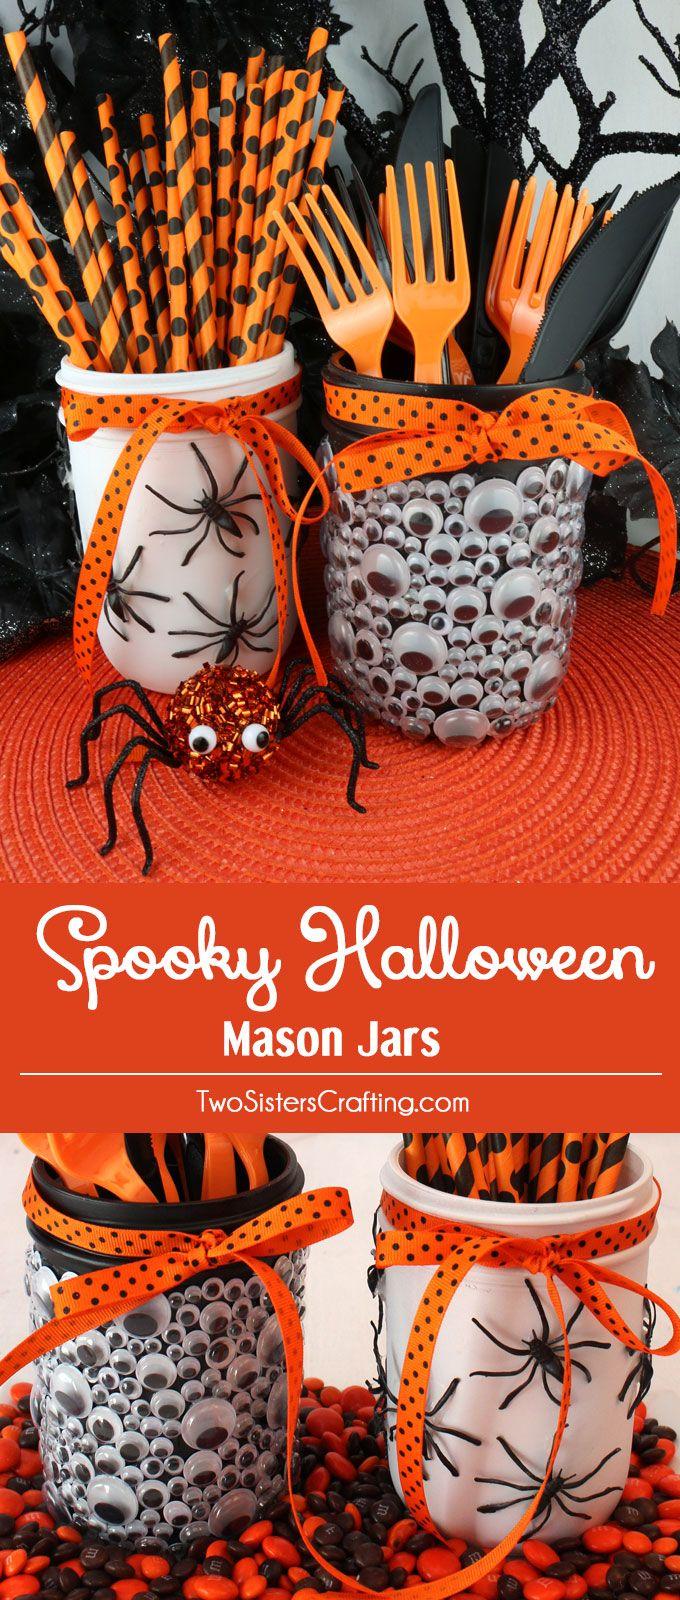 spooky halloween mason jars | halloween crafts | pinterest